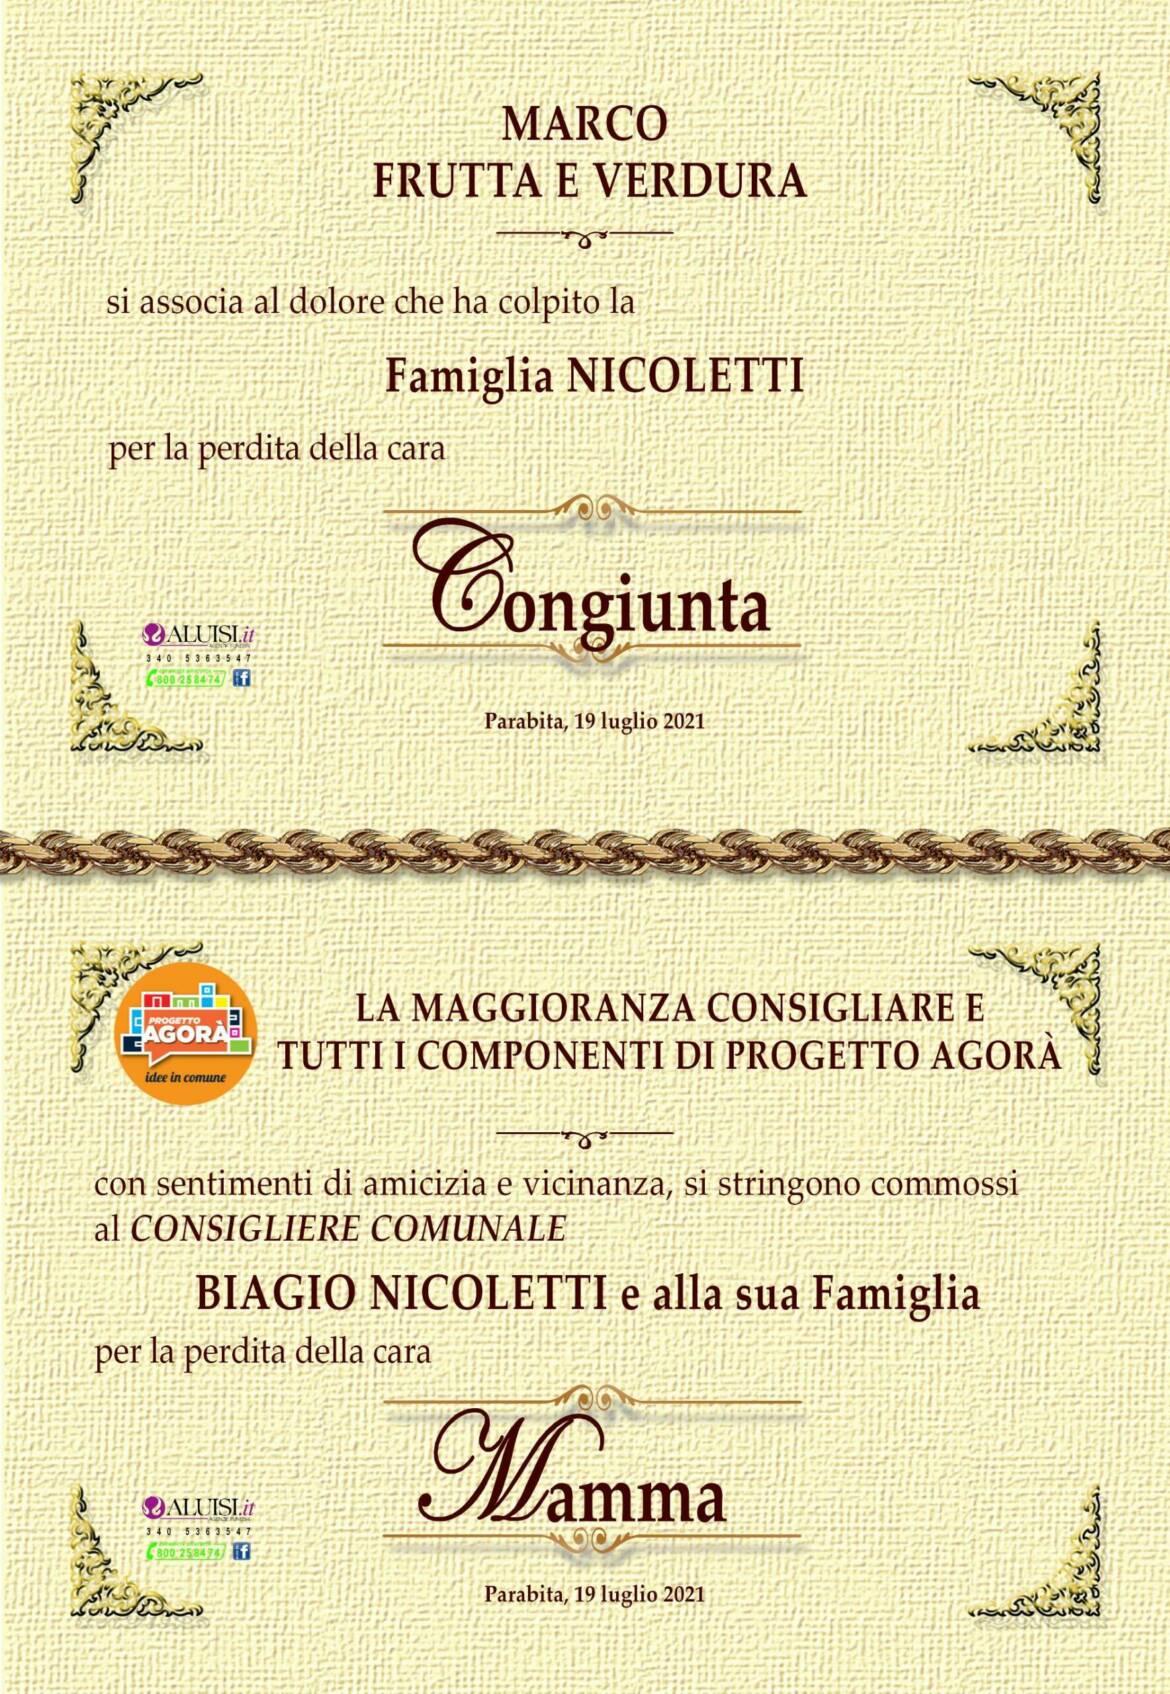 partecipazioni-ANTONIA-UNGARO-PARABITA-6-1-scaled.jpg